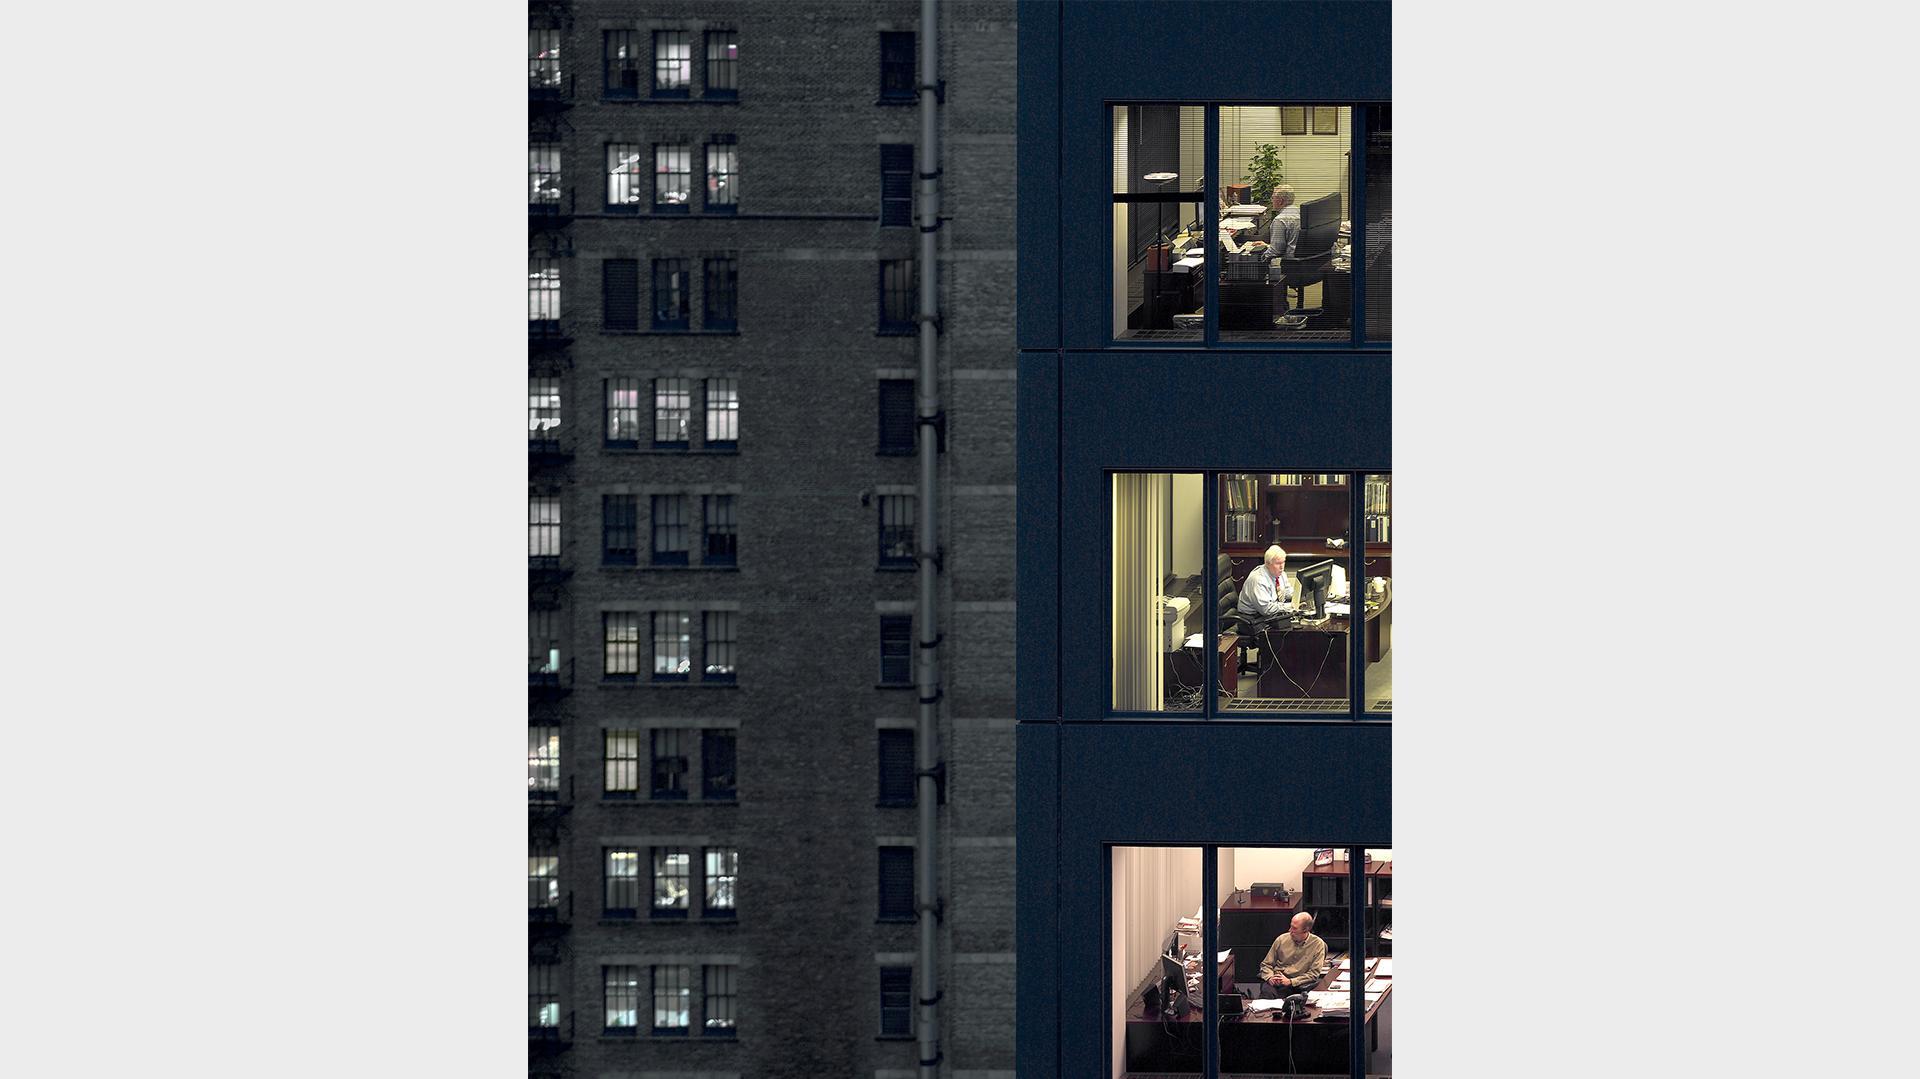 Ein blaues Hochaus in Chicago, in drei übereinander liegenden Büros brennt Licht und man kann drei Männern bei der Arbeit am Schreibtisch beobachten.